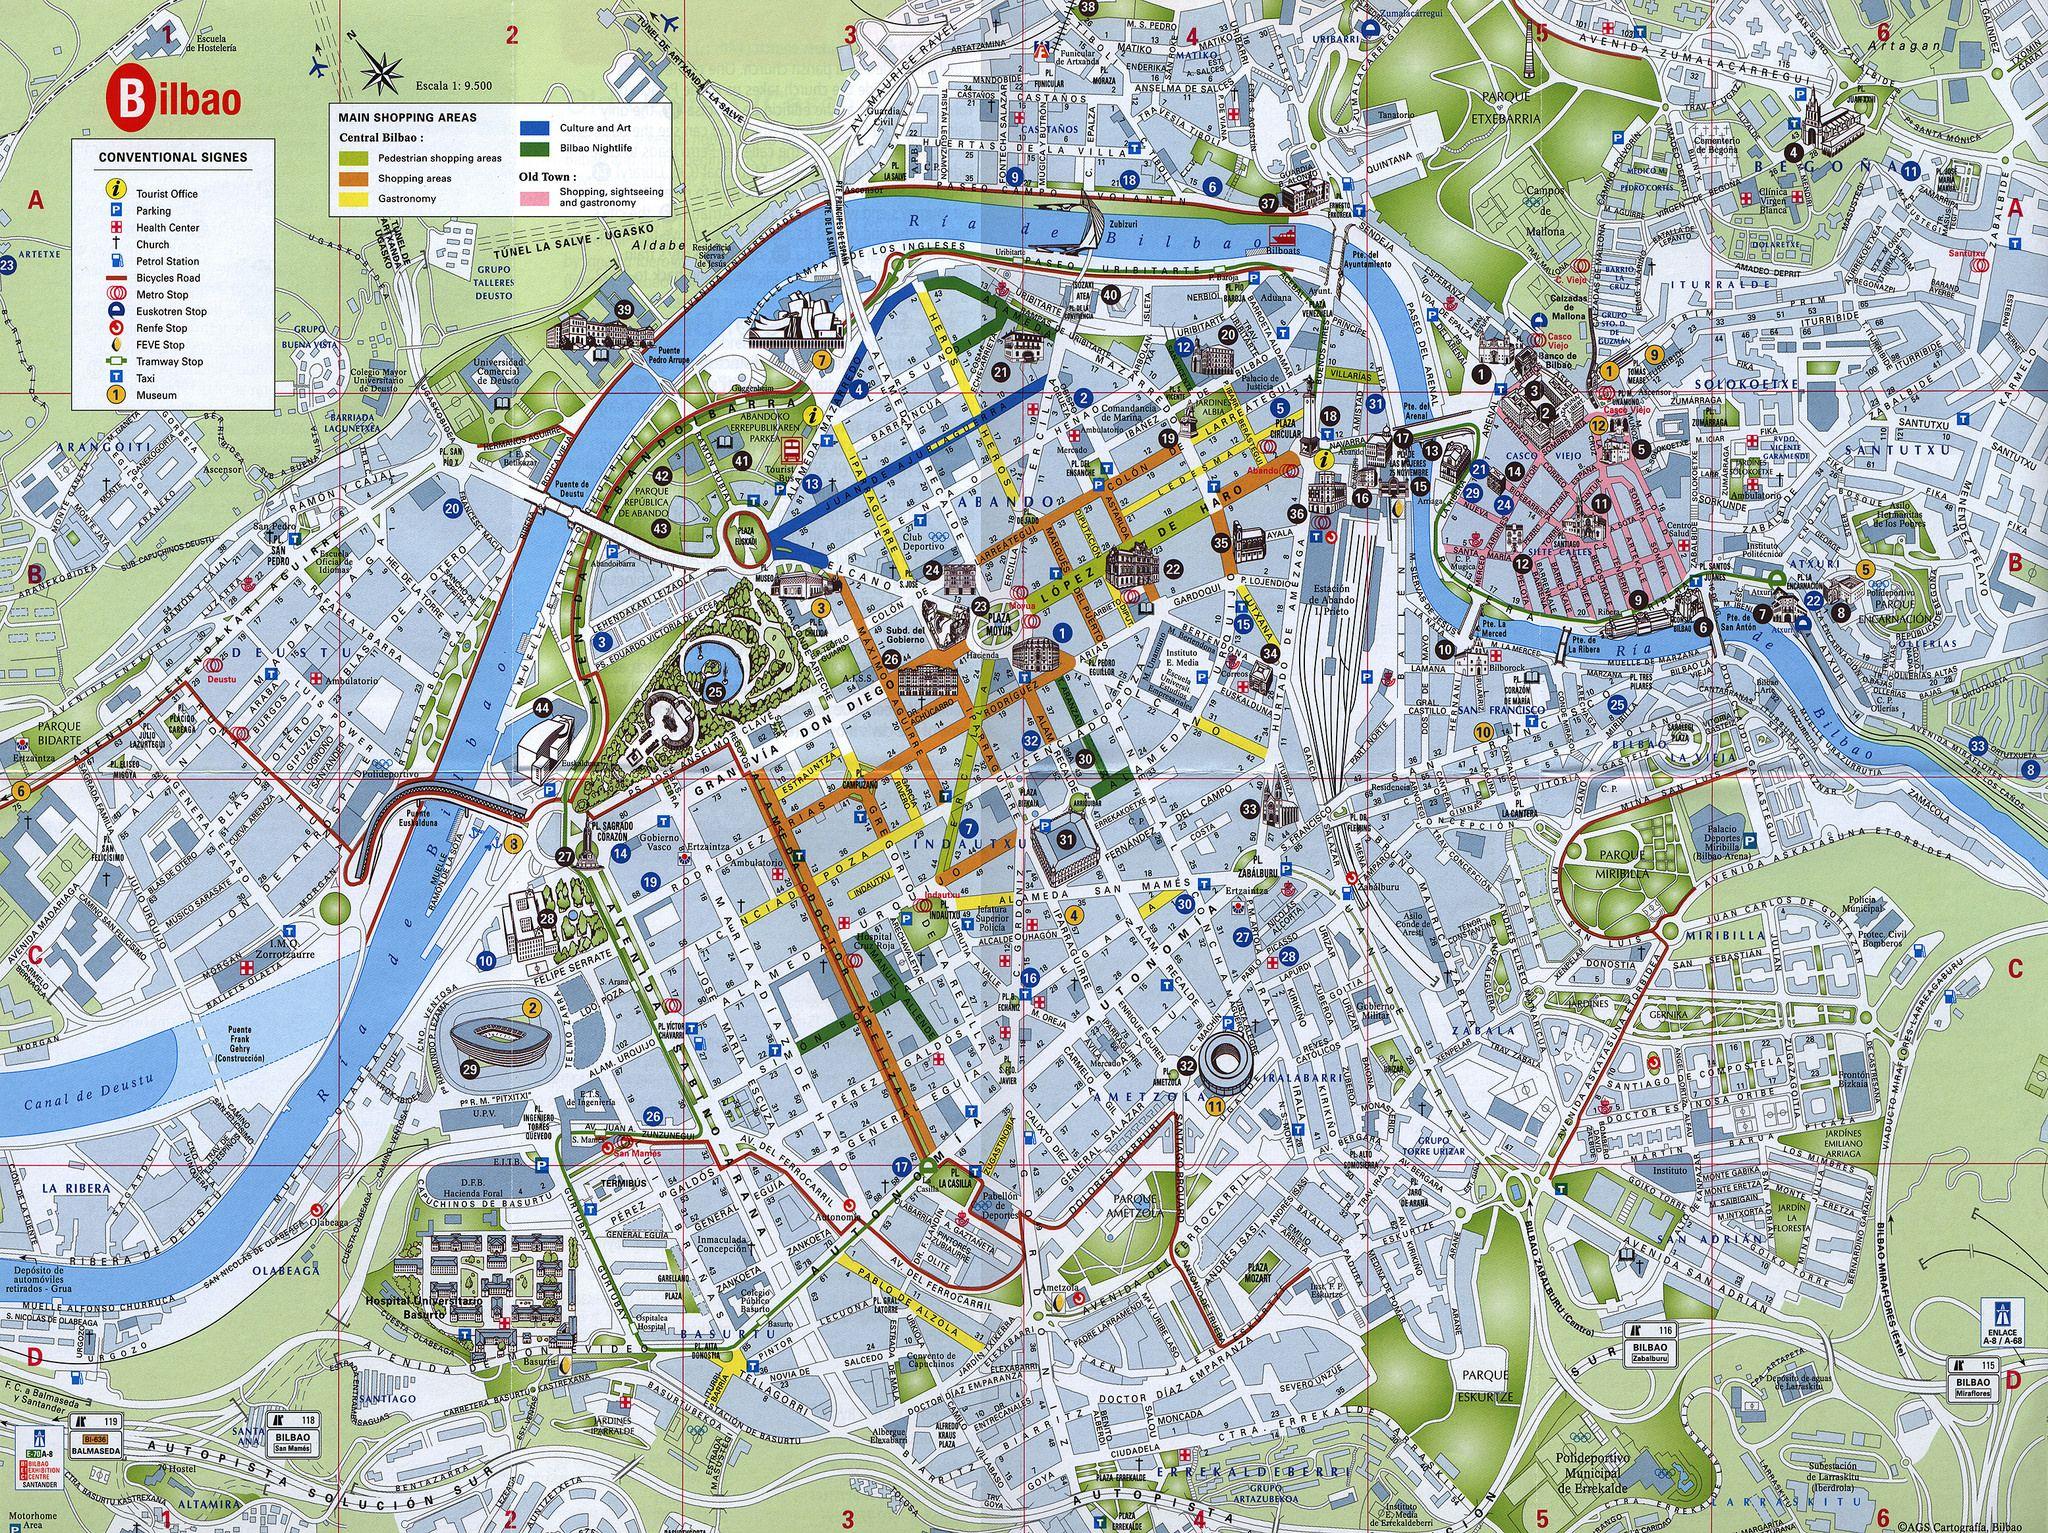 bilbao karta Bilbao planoa plano map plan; 2015_2, Bizkaia r., Euskadi/ Basque  bilbao karta